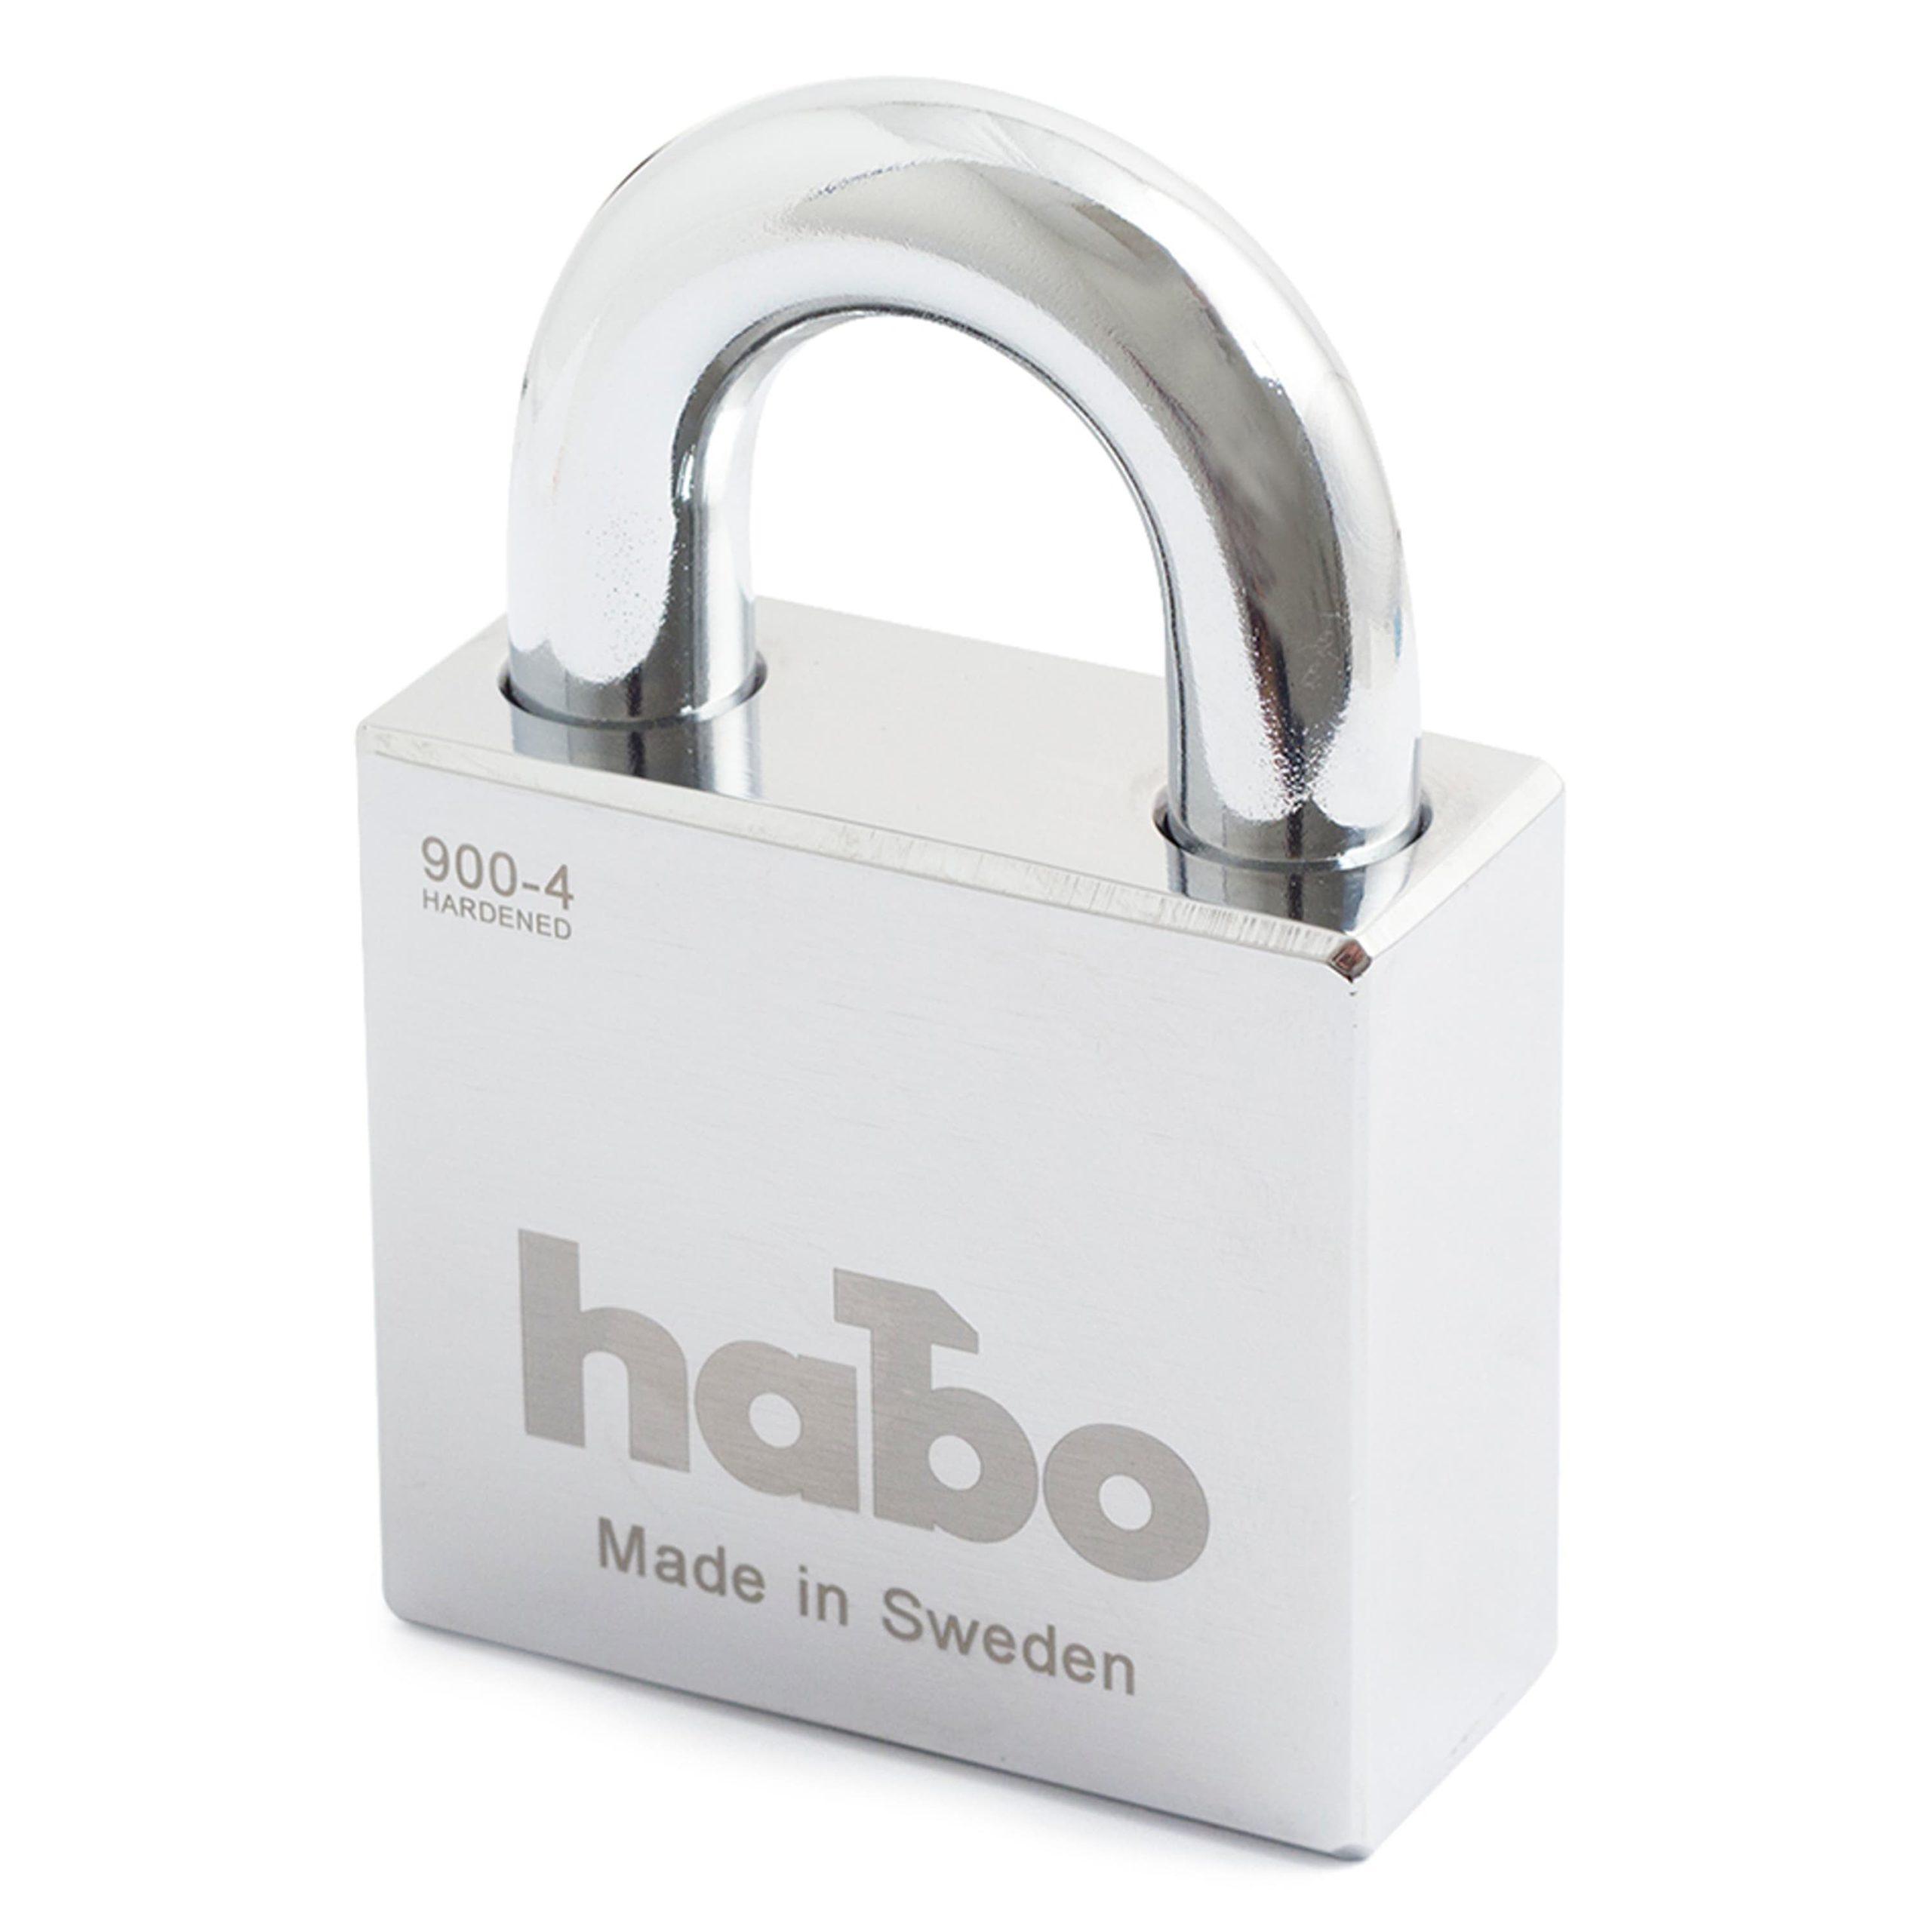 Hänglås 903-1 Klass 1 SB Habo